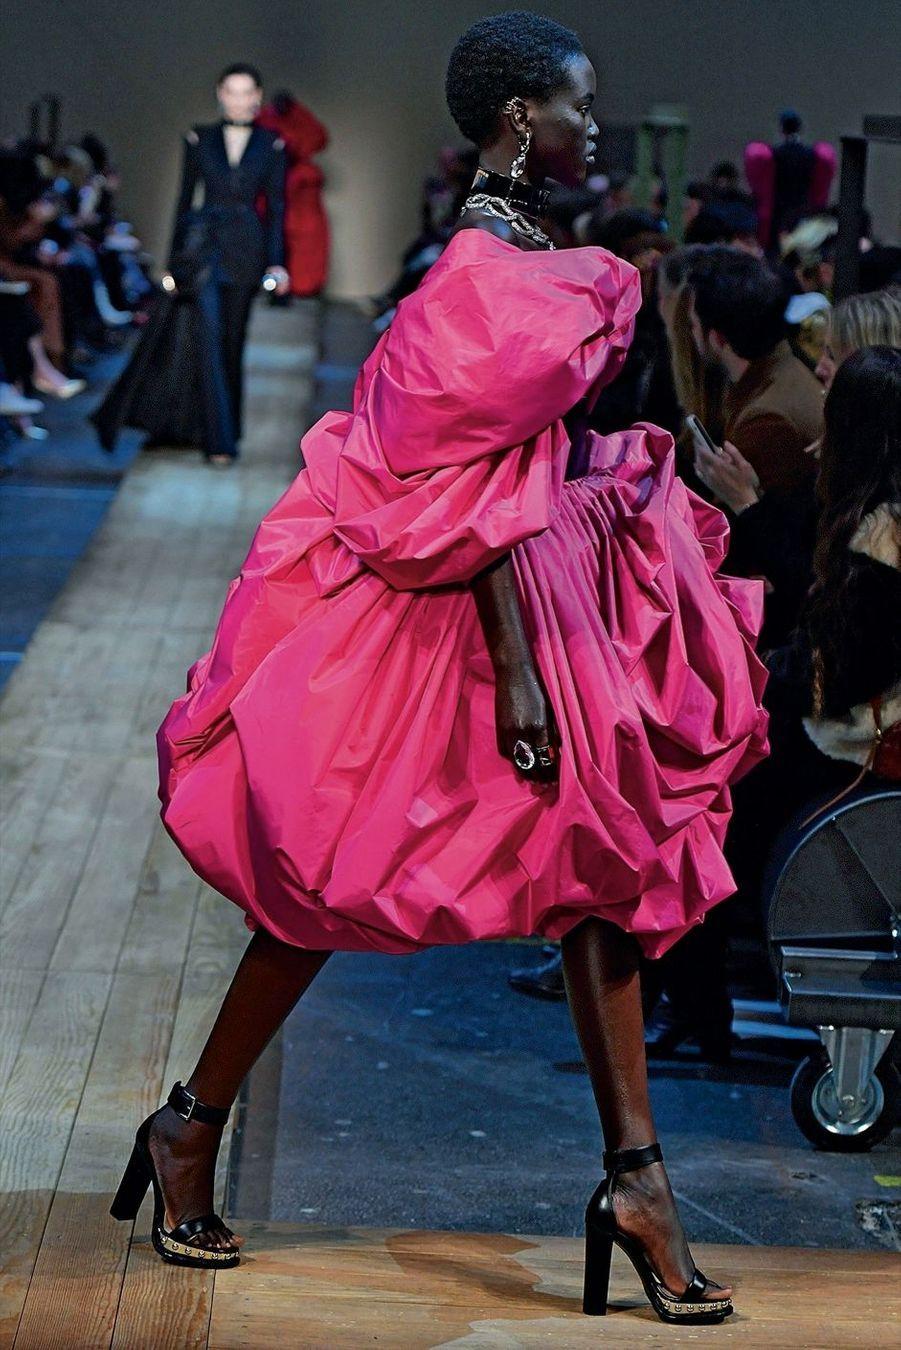 Alexander McQueen: Inspirée par les ateliers textiles de son enfance, Sarah Burton fait exploser les drapés dans un taffetas de soie satinée rose fuchsia